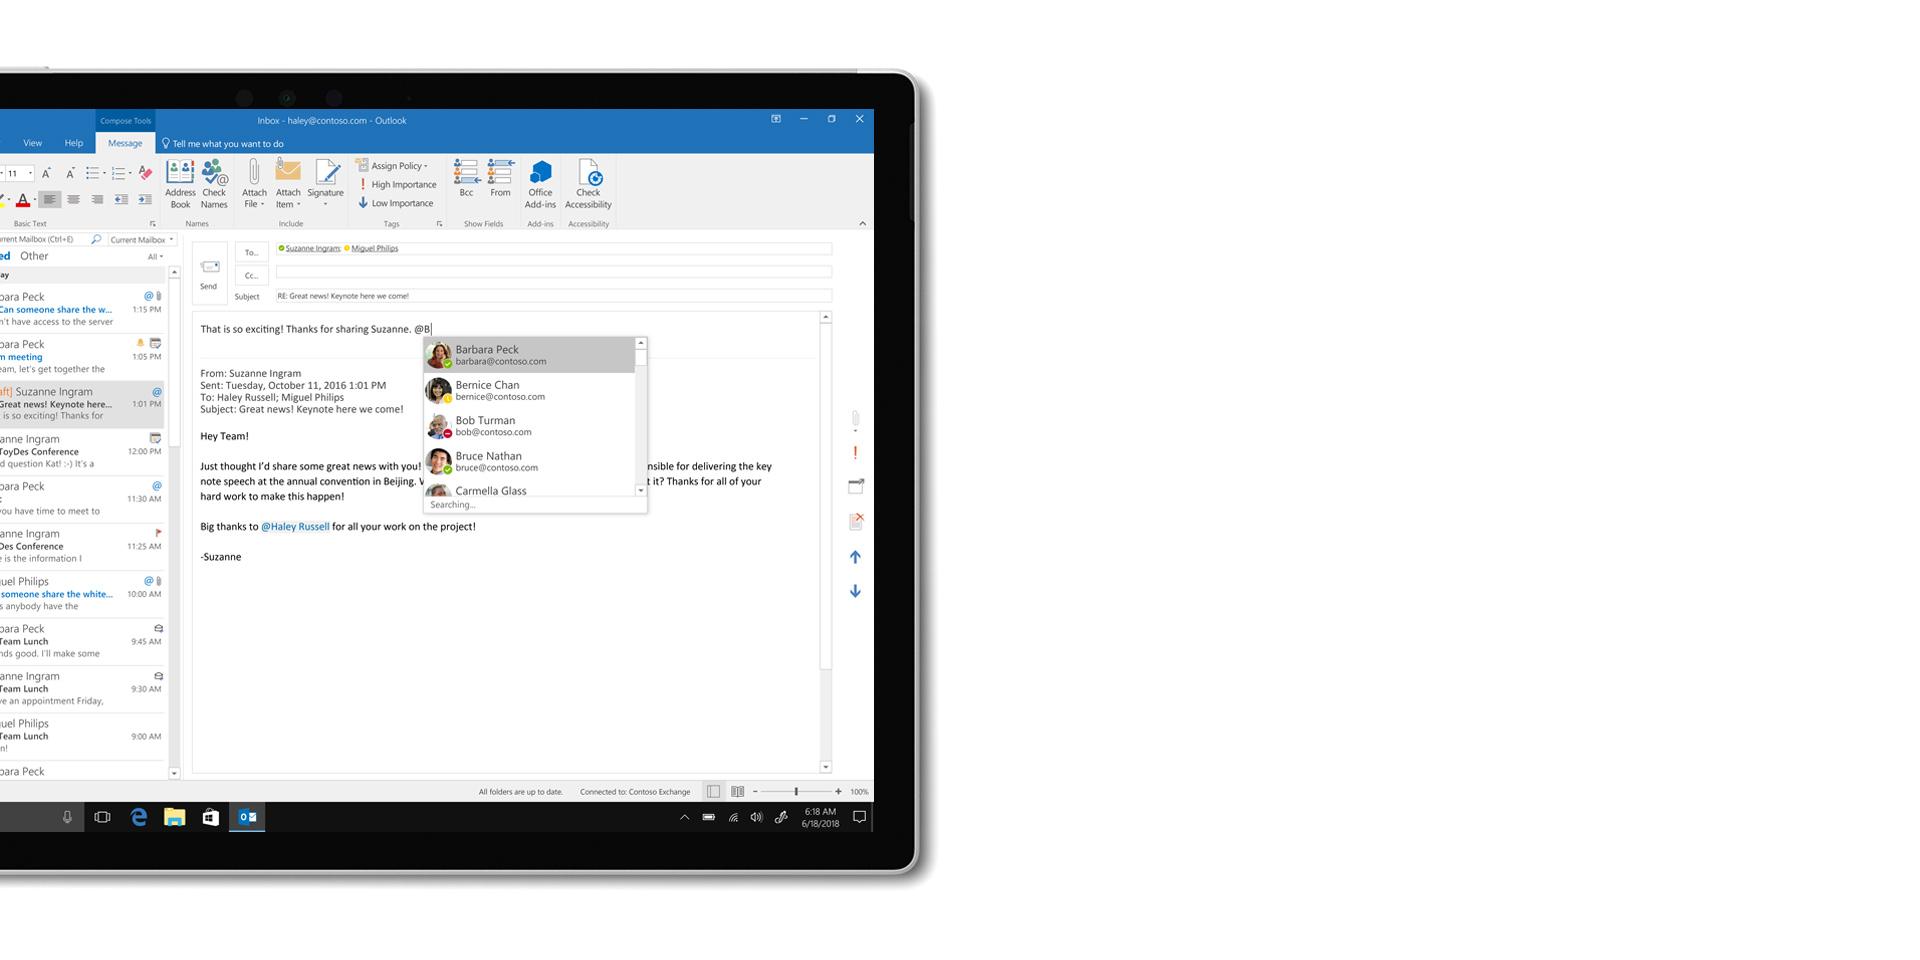 La app Outlook que se muestra en la pantalla de un SurfaceBook2 desconectado del teclado.